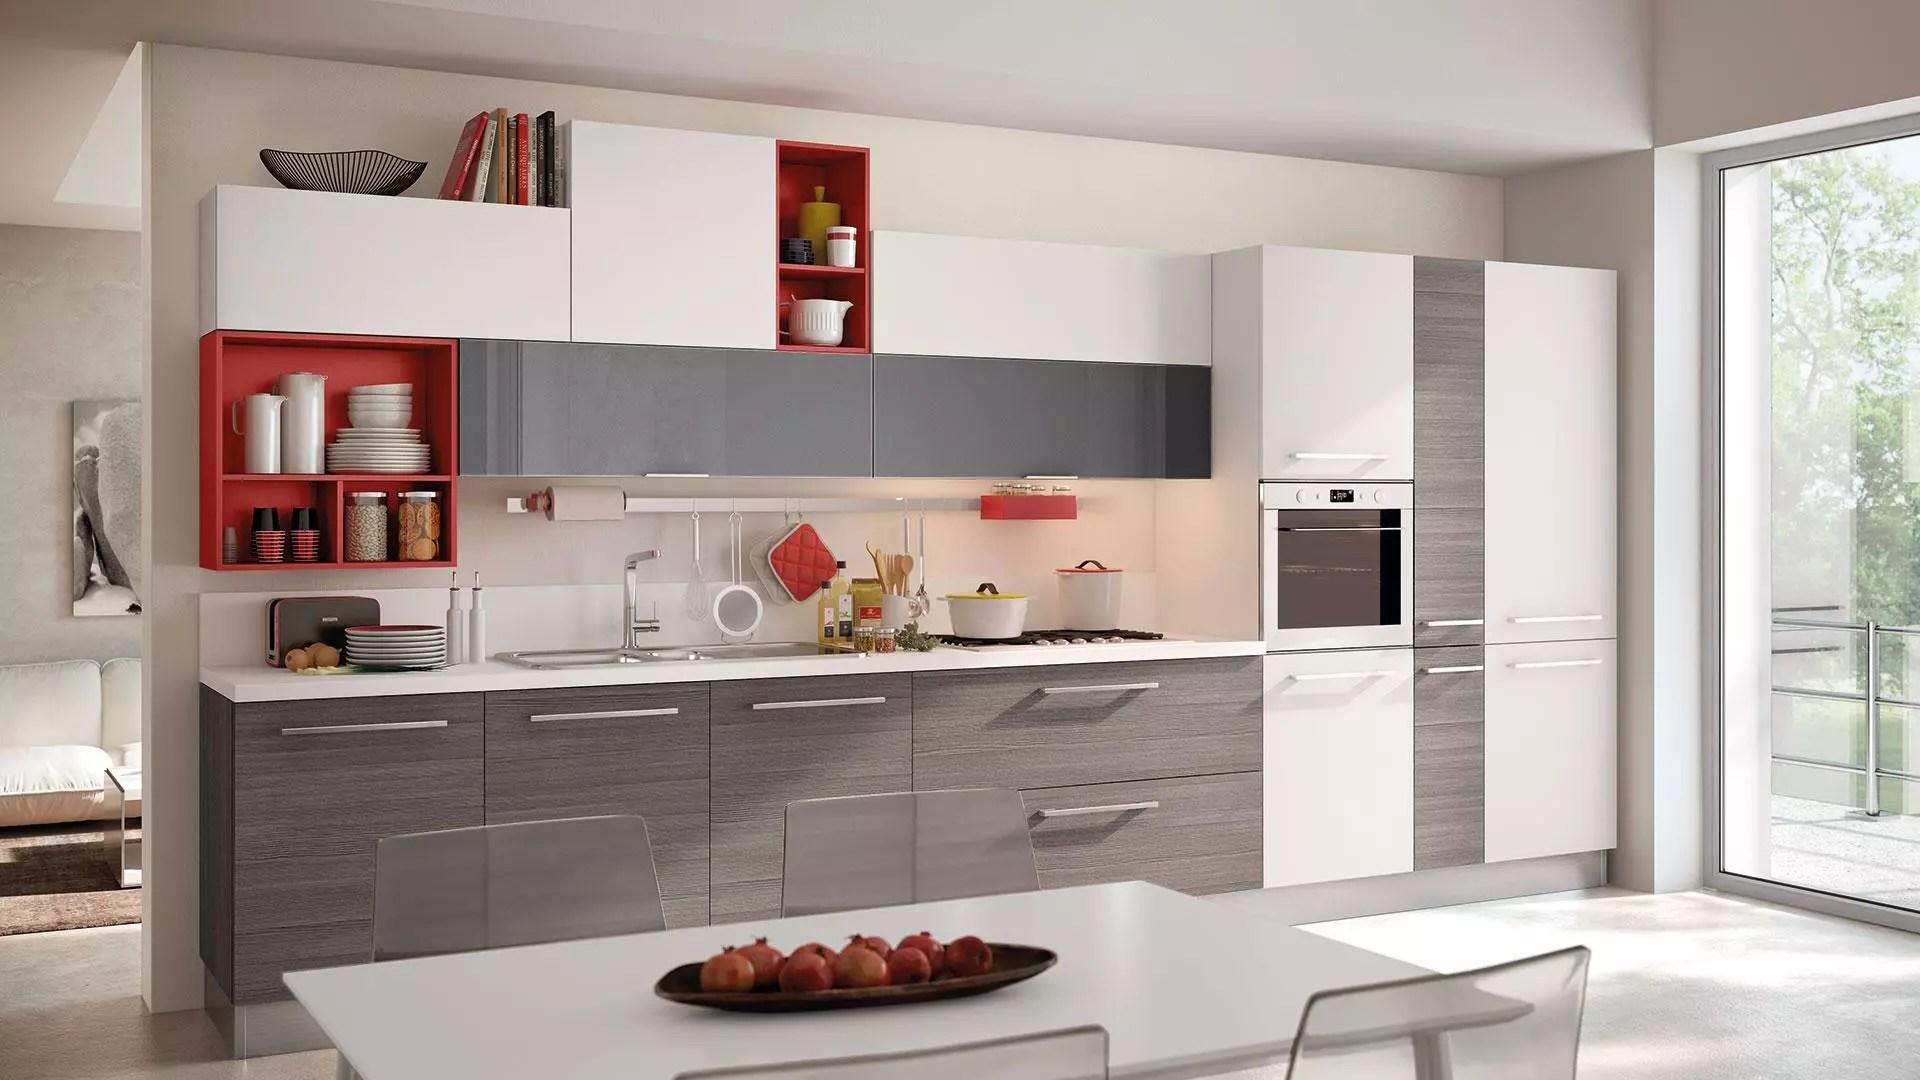 Come disporre i mobili in cucina dettagli e consigli da non sottovalutare